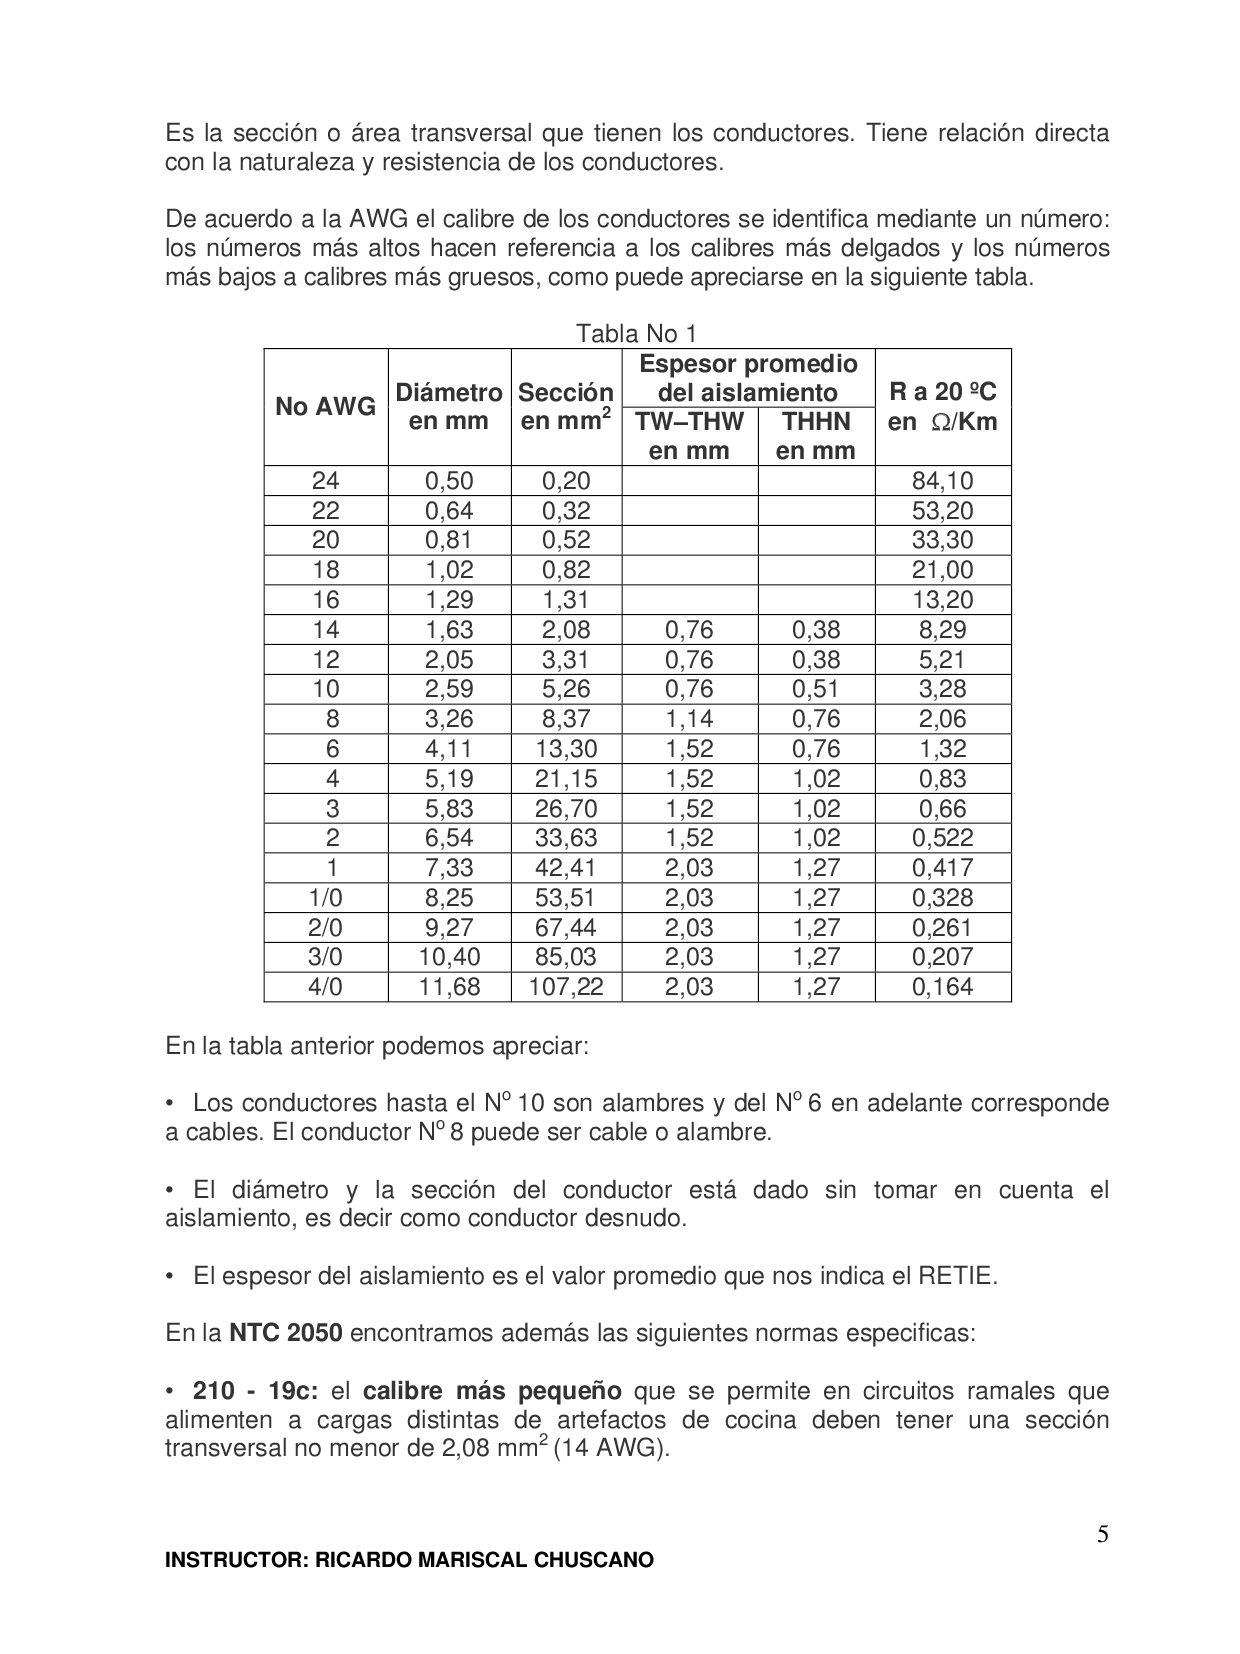 Conductores Y Ductos By Ricardo Mariscal Issuu